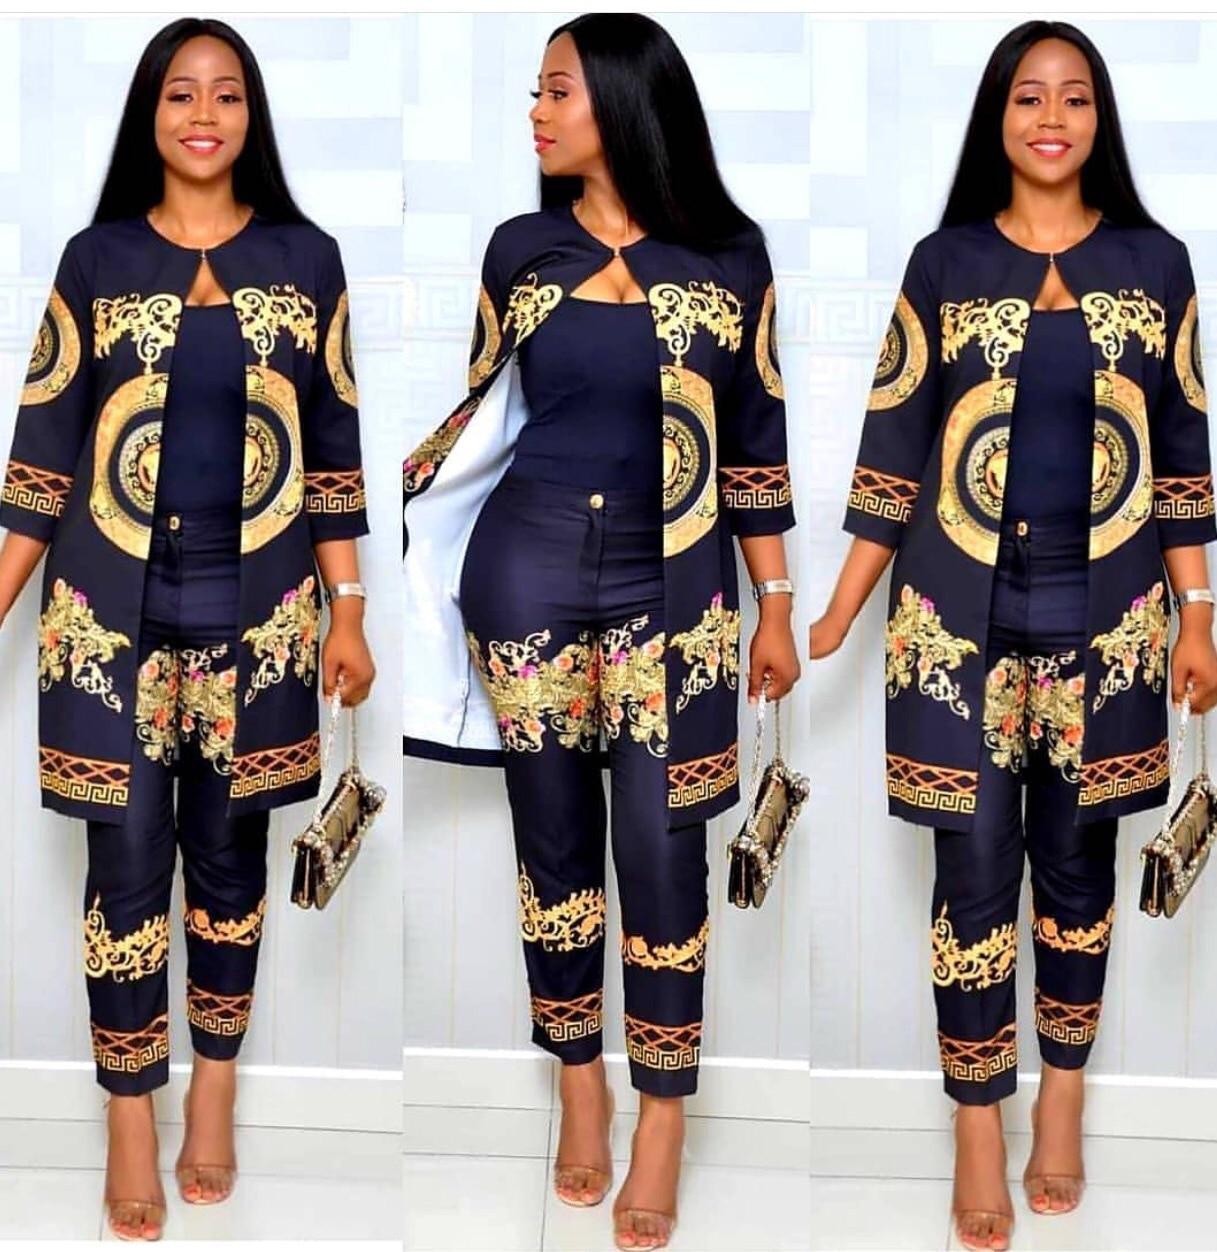 Эластичные мешковатые штаны Bazin с принтом в африканском стиле, весна осень, Дашики, рукав 3/4, известный костюм, Женское пальто и леггинсы, комплект из 2 предметов|Африканская одежда|   | АлиЭкспресс